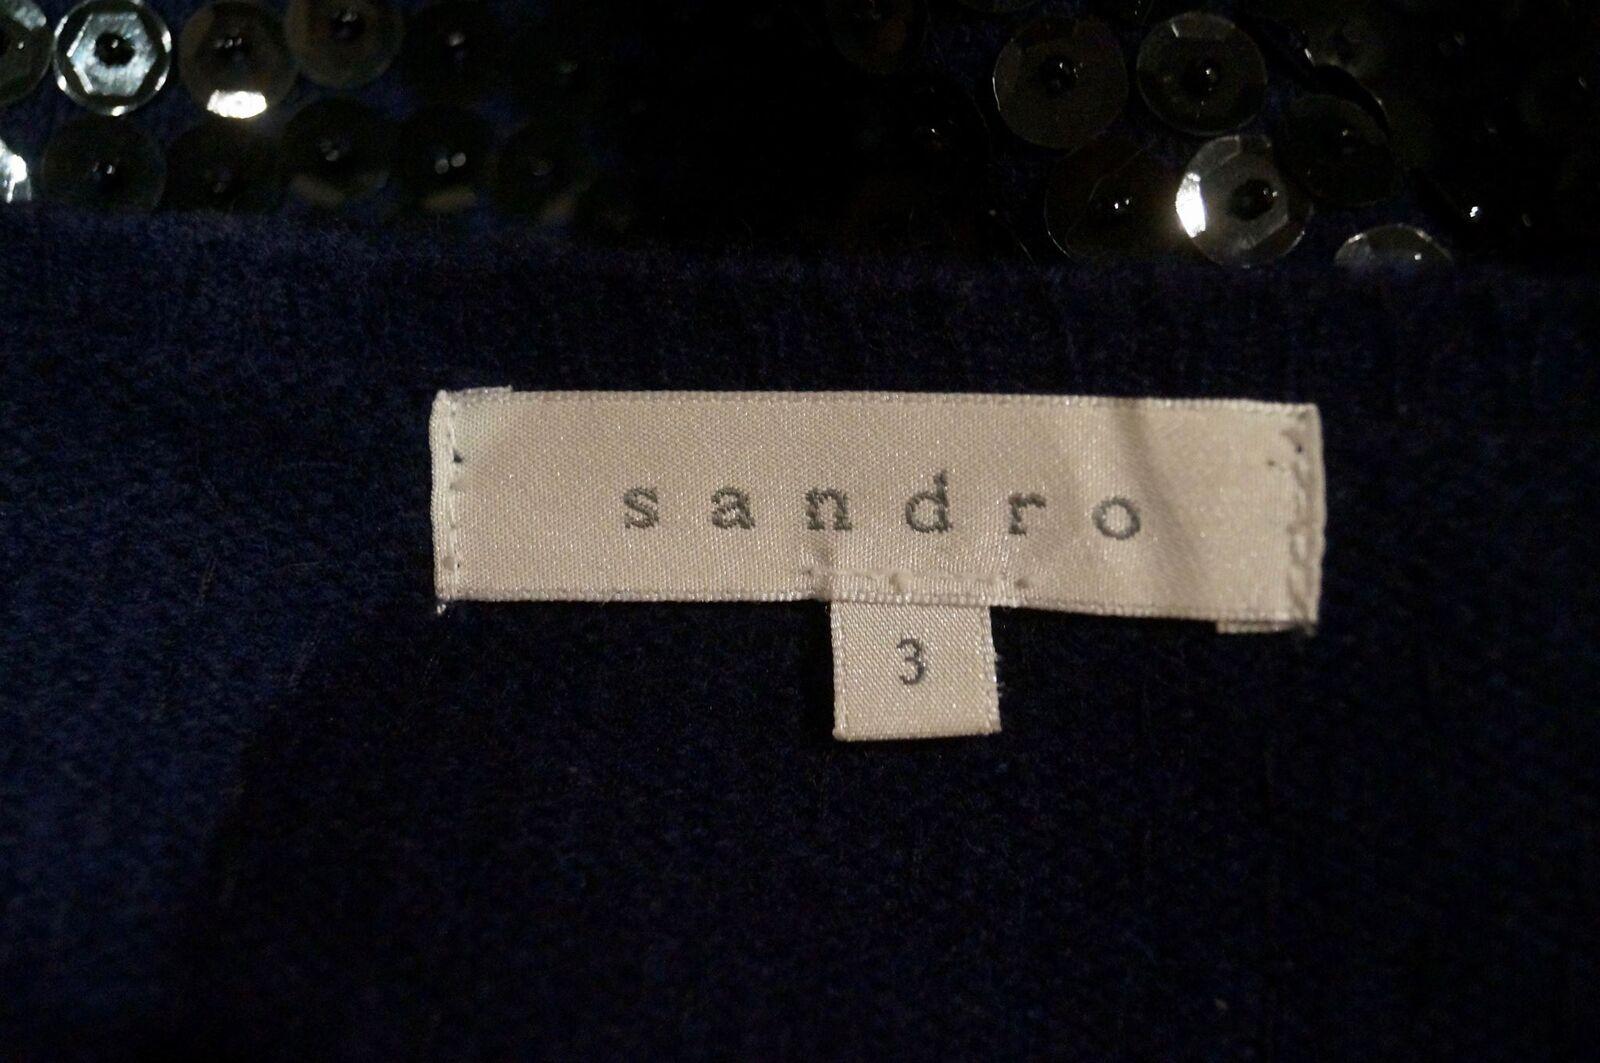 SANDRO SANDRO SANDRO Misto Lana Nero Paillettes Impreziosito Manica Lunga Maglione Pullover Top 3 L 648b4a